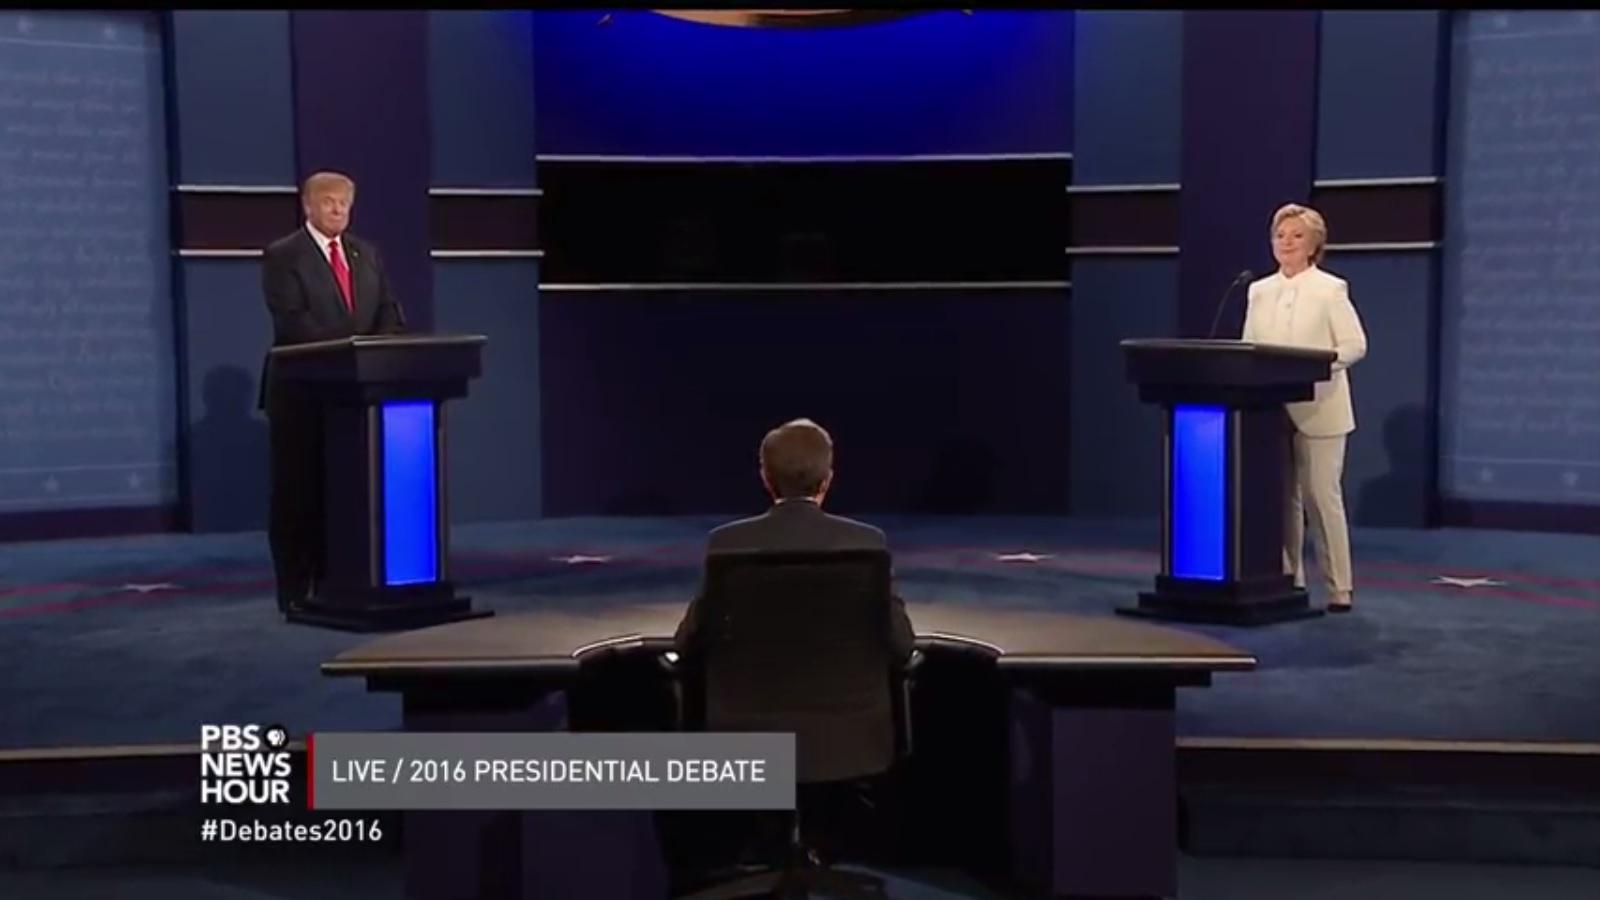 Clinton: Trump là người nguy hiểm nhất thế giới hiện đại - 6